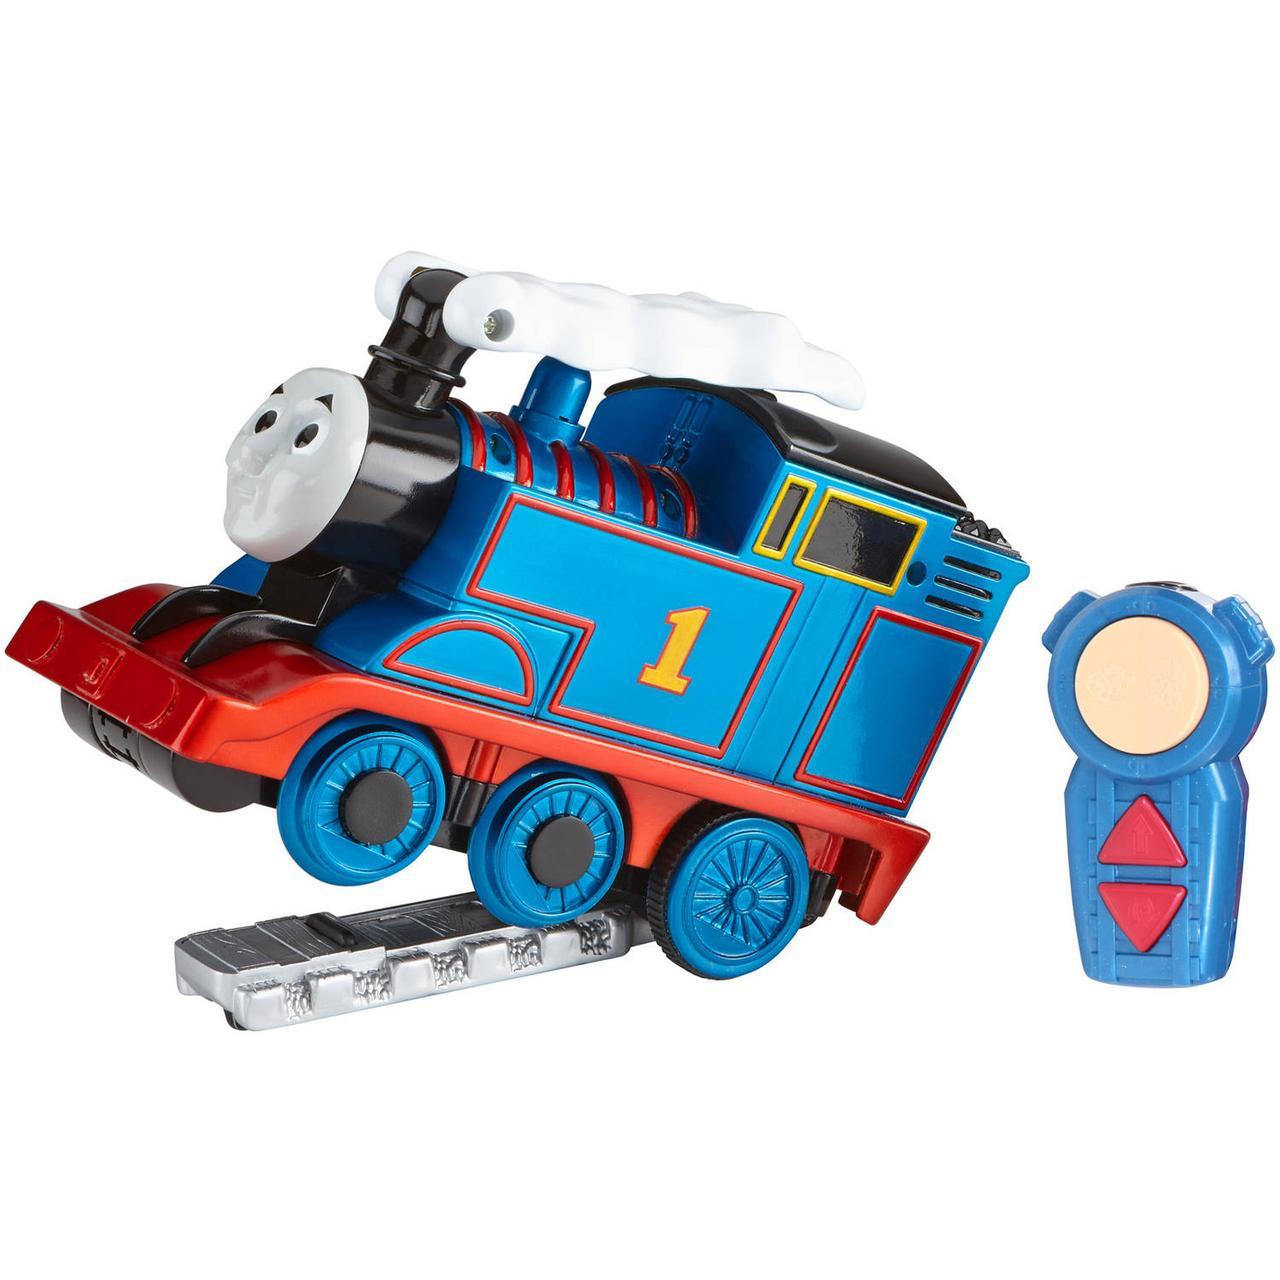 Паровозик Томас и Друзья вращающийся Турбо Томас на пульте управления Fisher-Price Thomas & Friends Turbo Flip